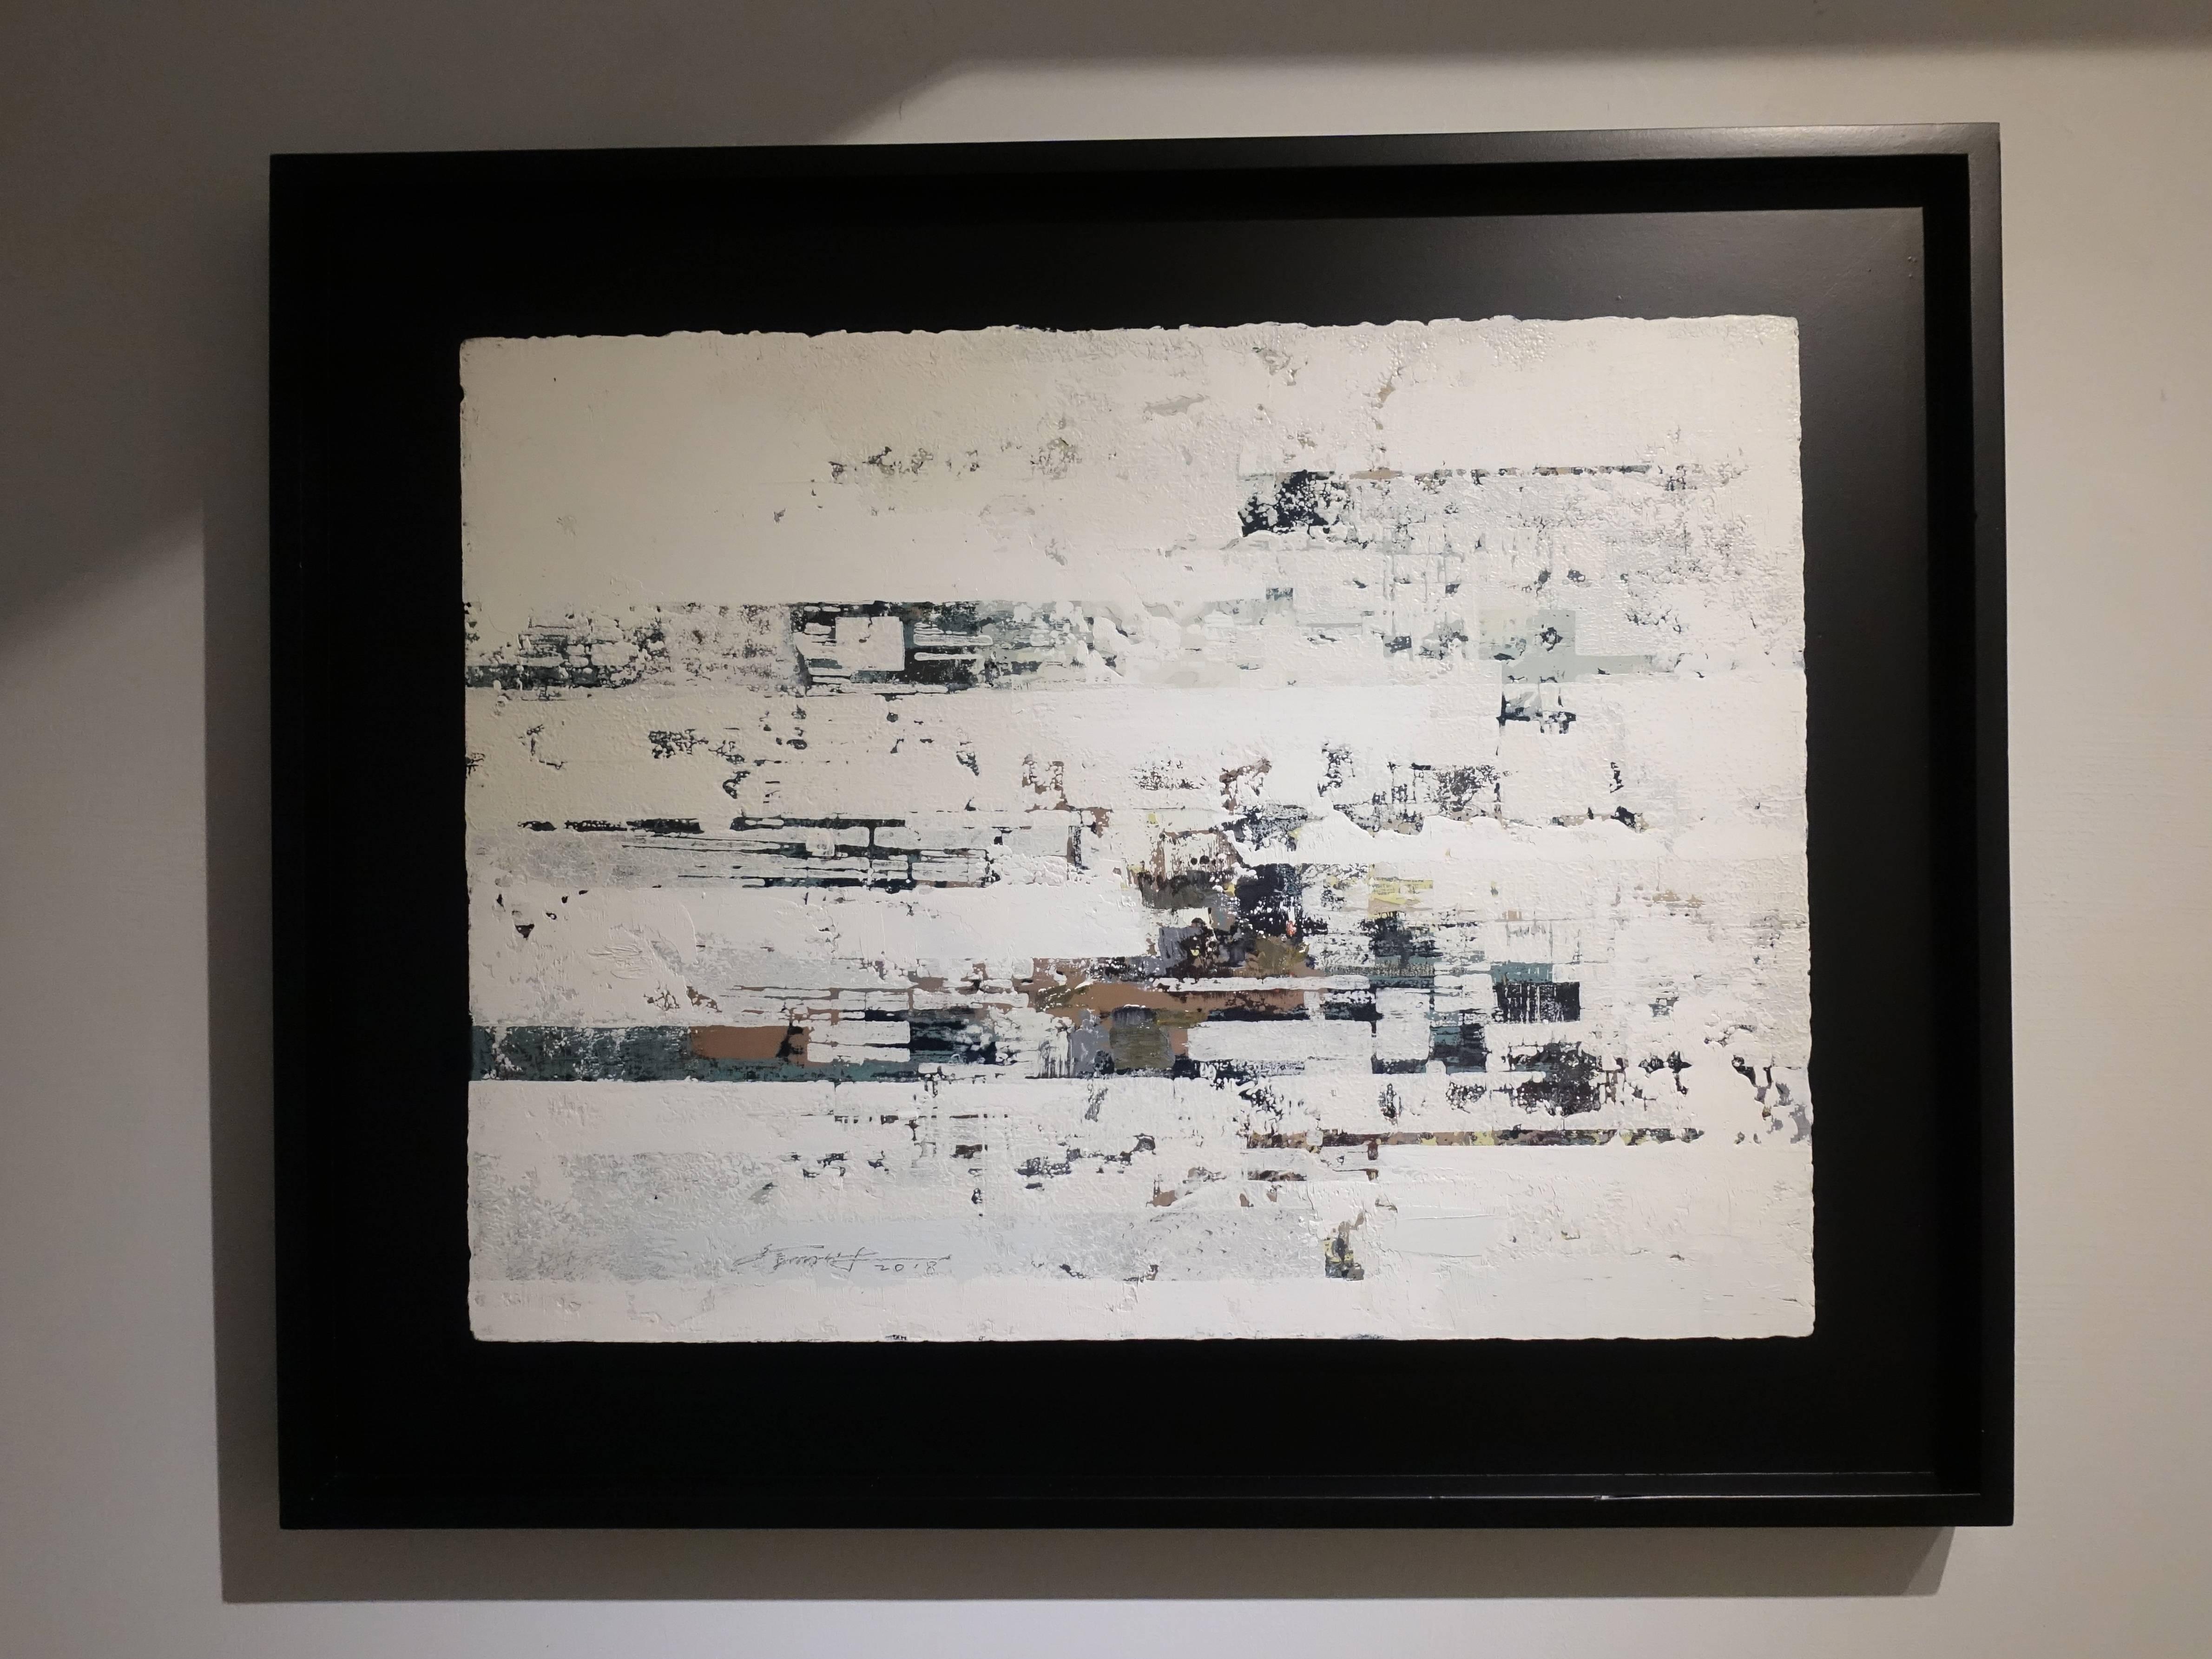 徐明豐,《移動的城市》,39 x 51 cm,複合媒材,2018。